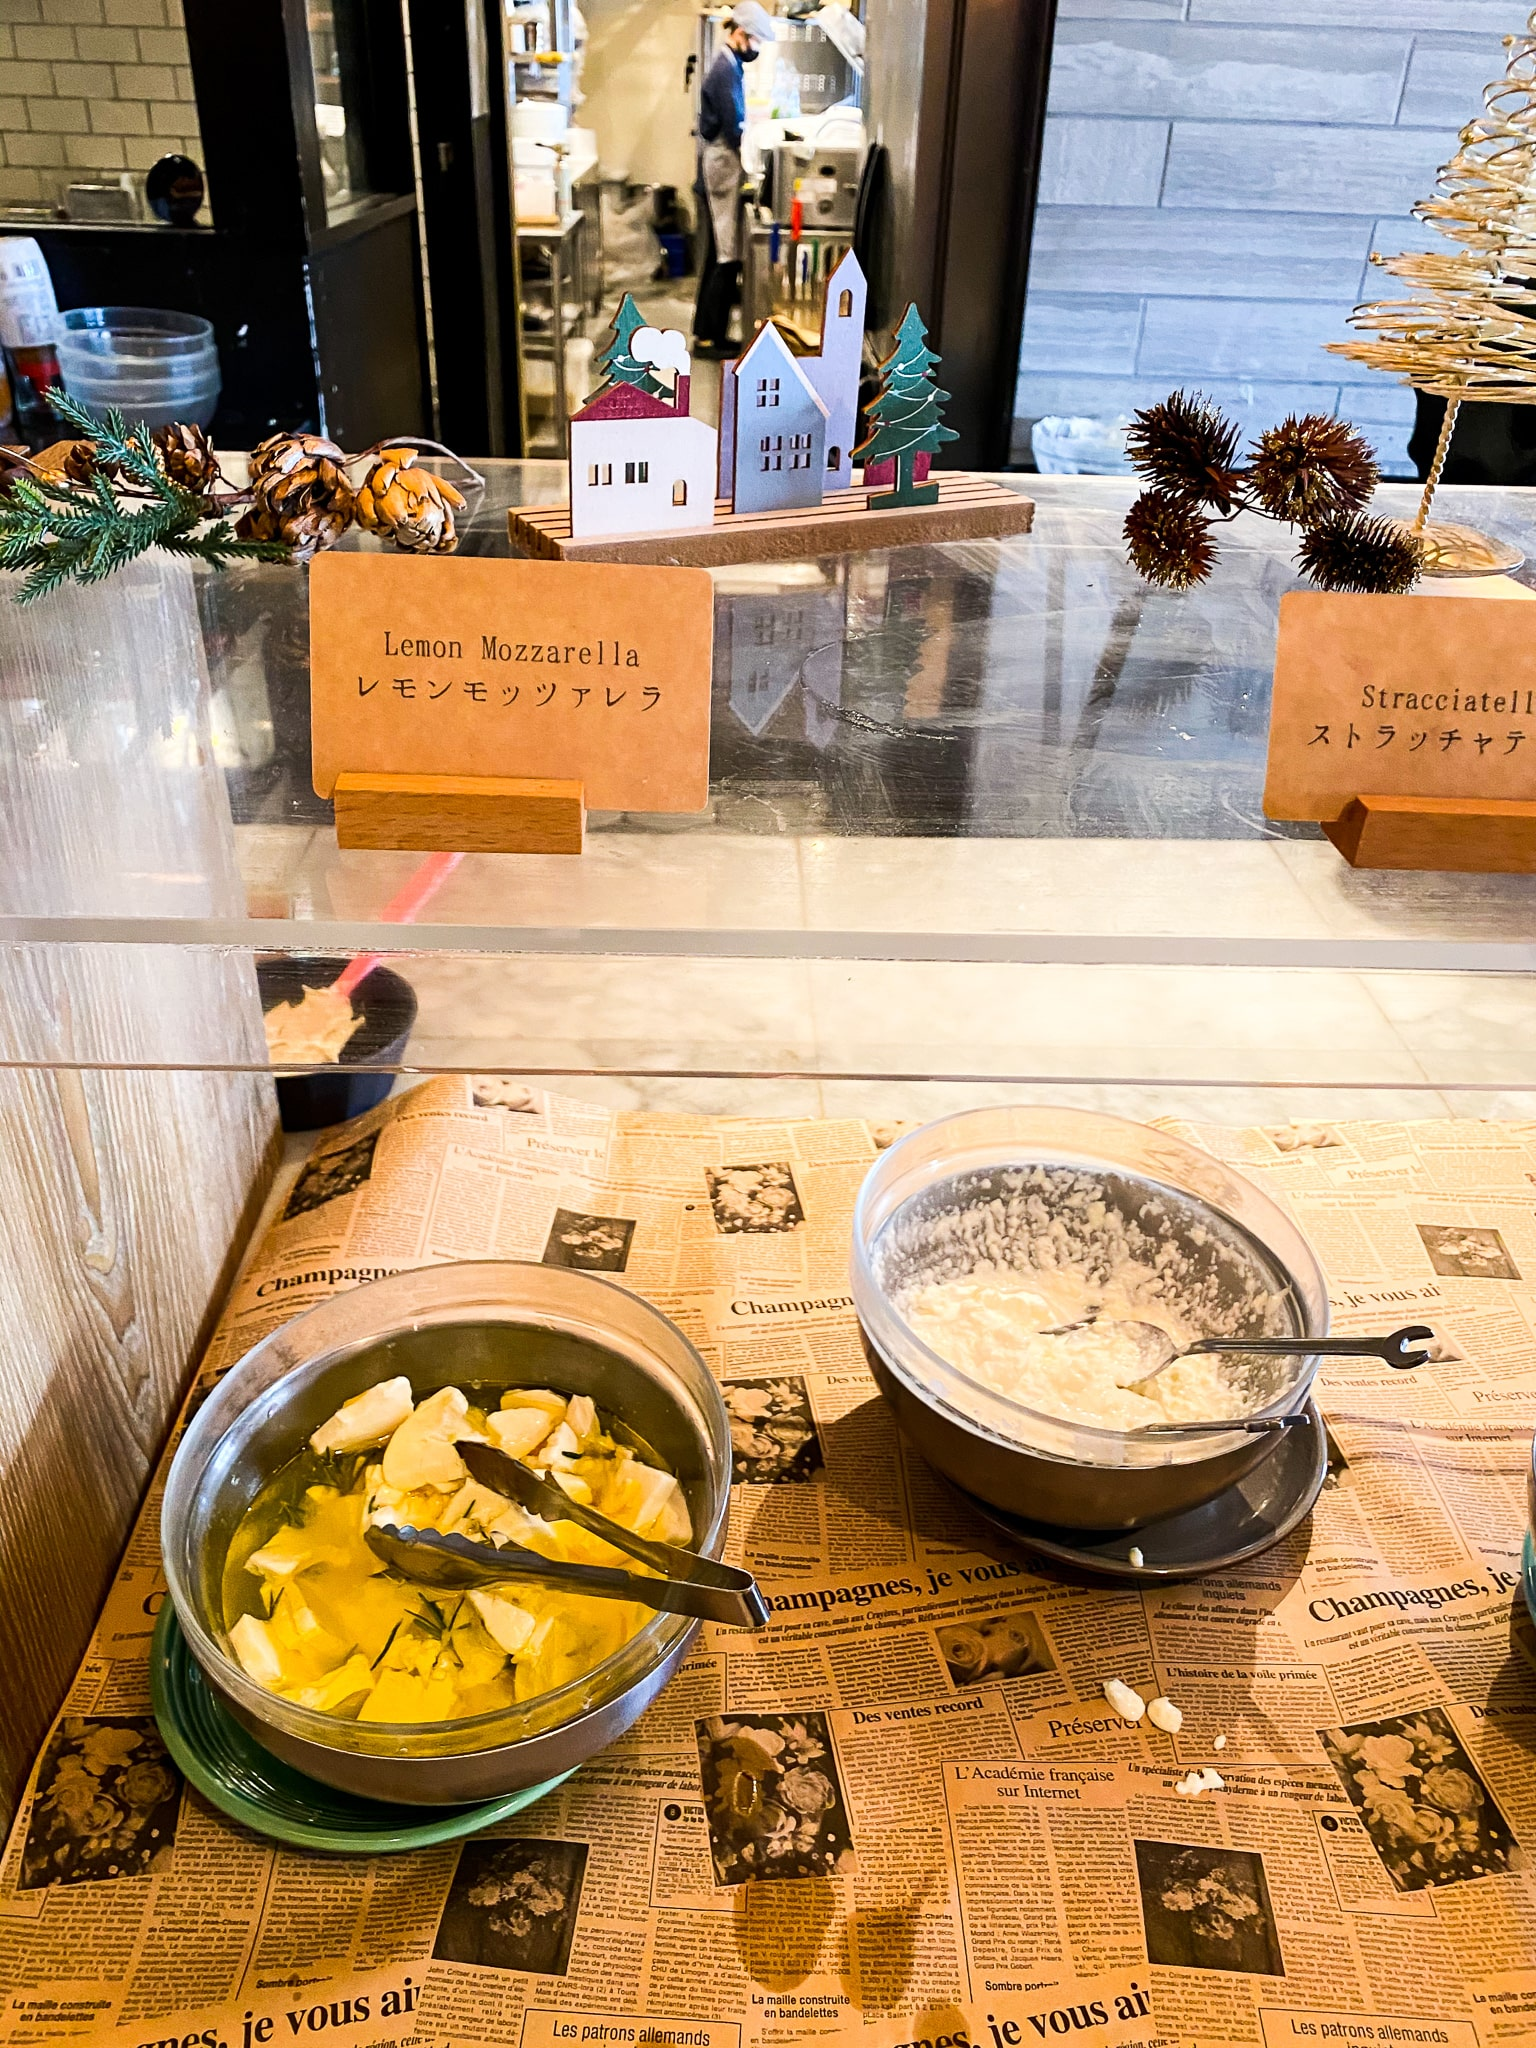 「フレッシュチーズ食べ放題」goodspoon チーズ